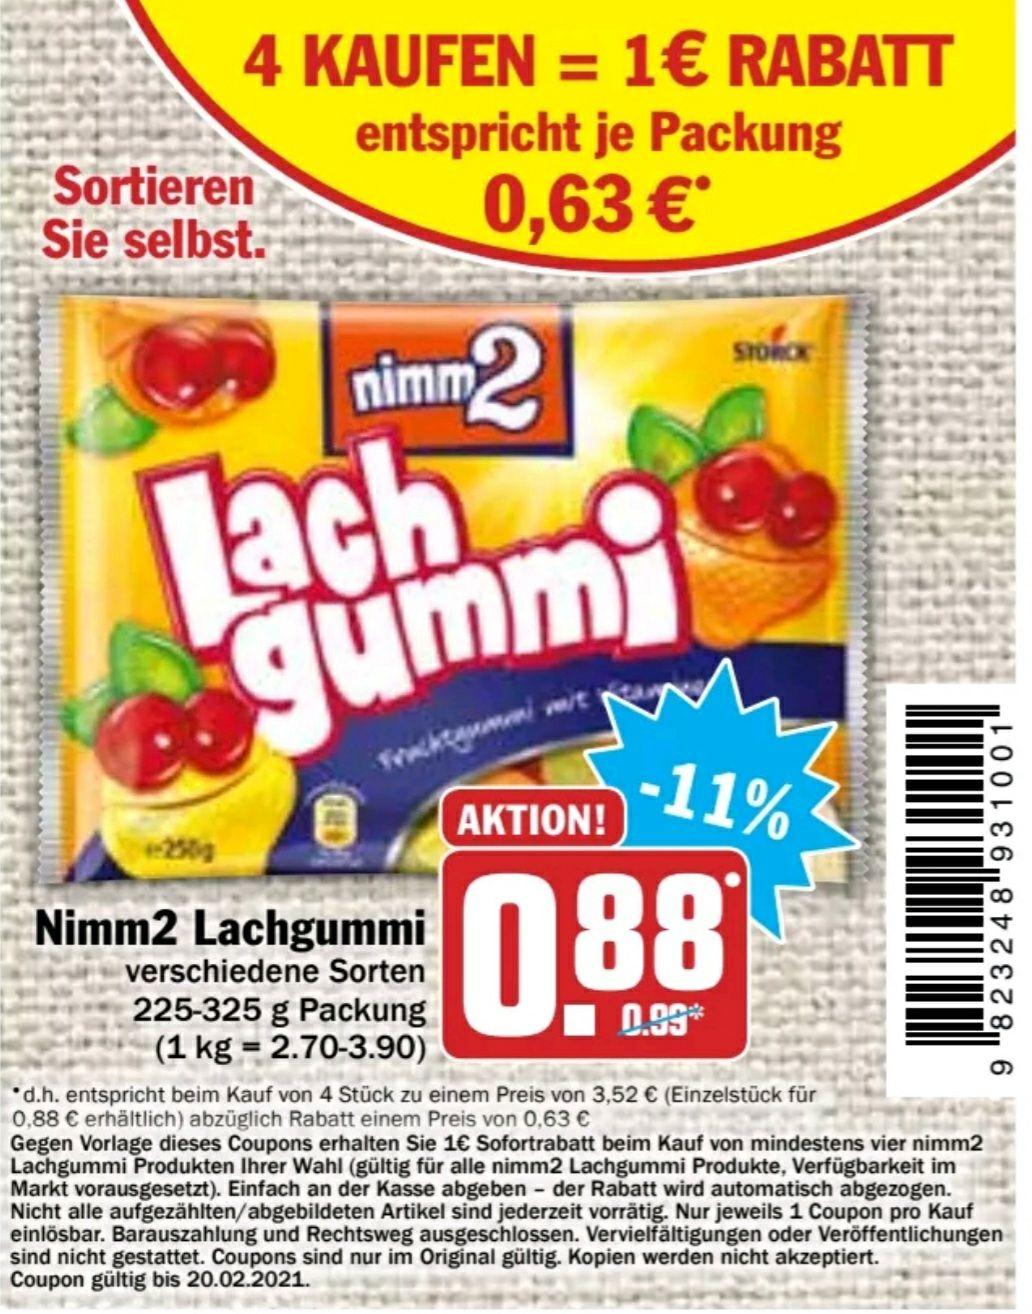 (4 Kaufen und 1€ Rabatt bekommen.) Nimm 2 Lachgummi verschiedene Sorten 225g-325g Packung effektiv für 2.25€ anstatt für 3.25€